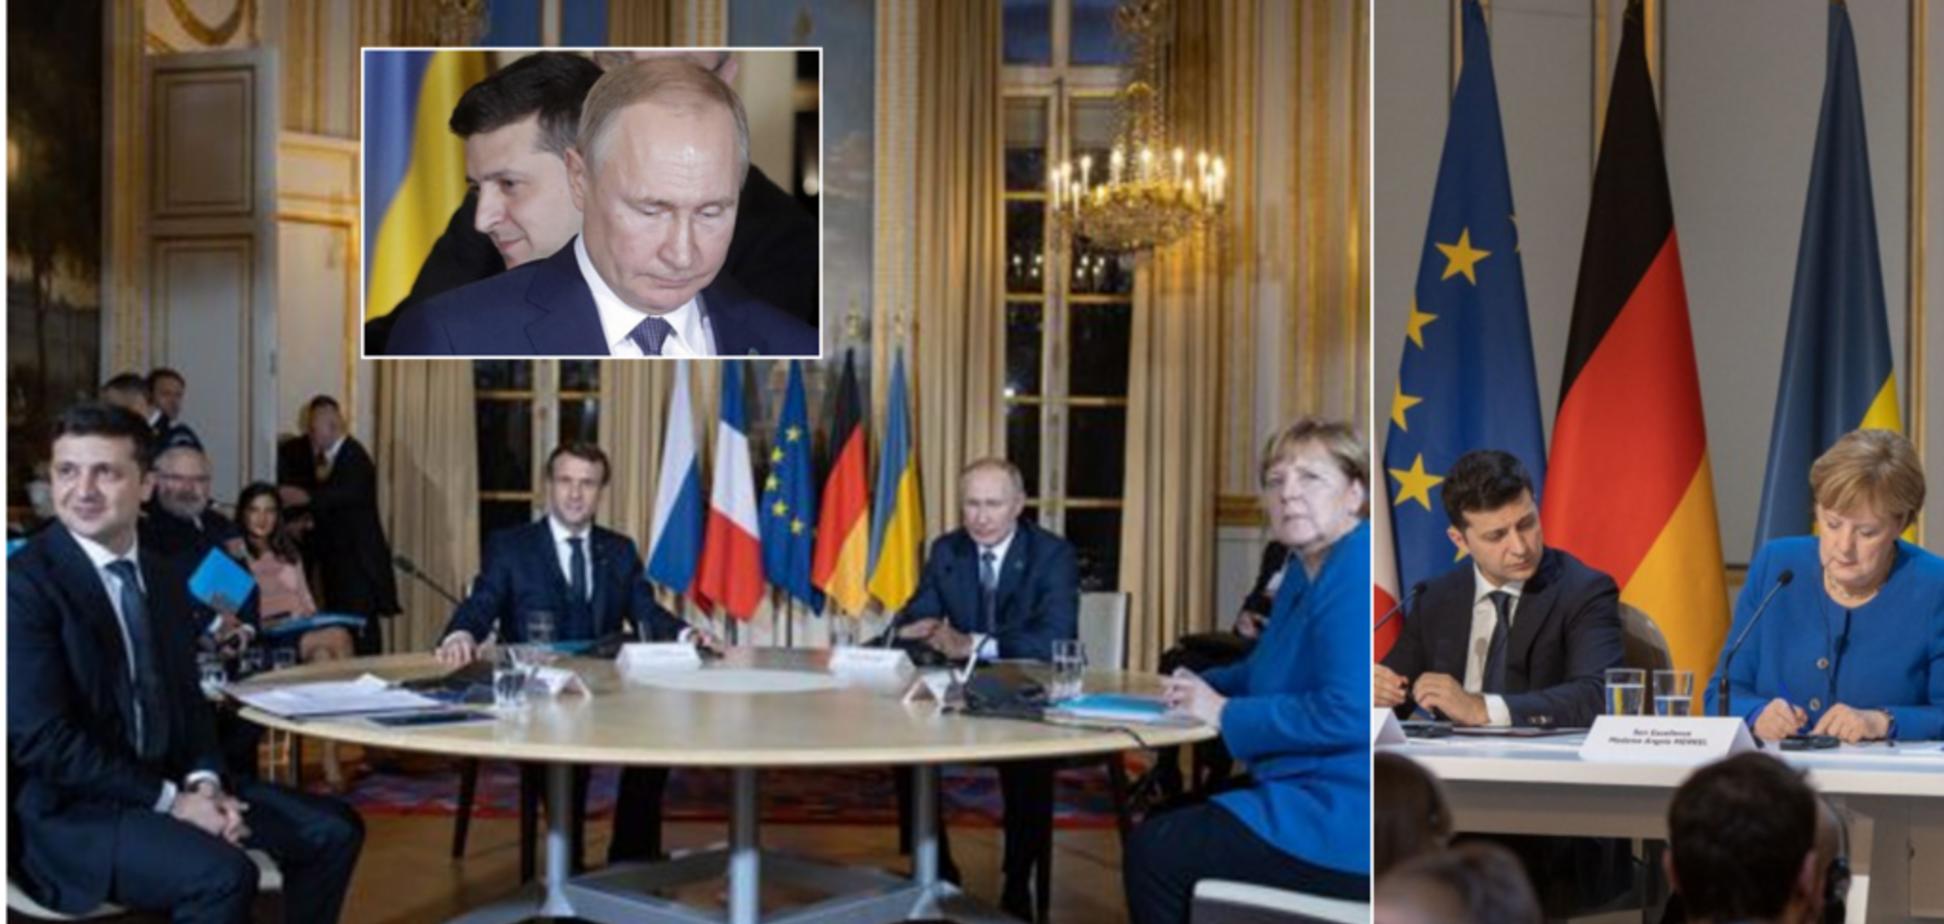 Война, скидка на газ, обмен пленными: все, что нужно знать о встрече Зеленского и Путина